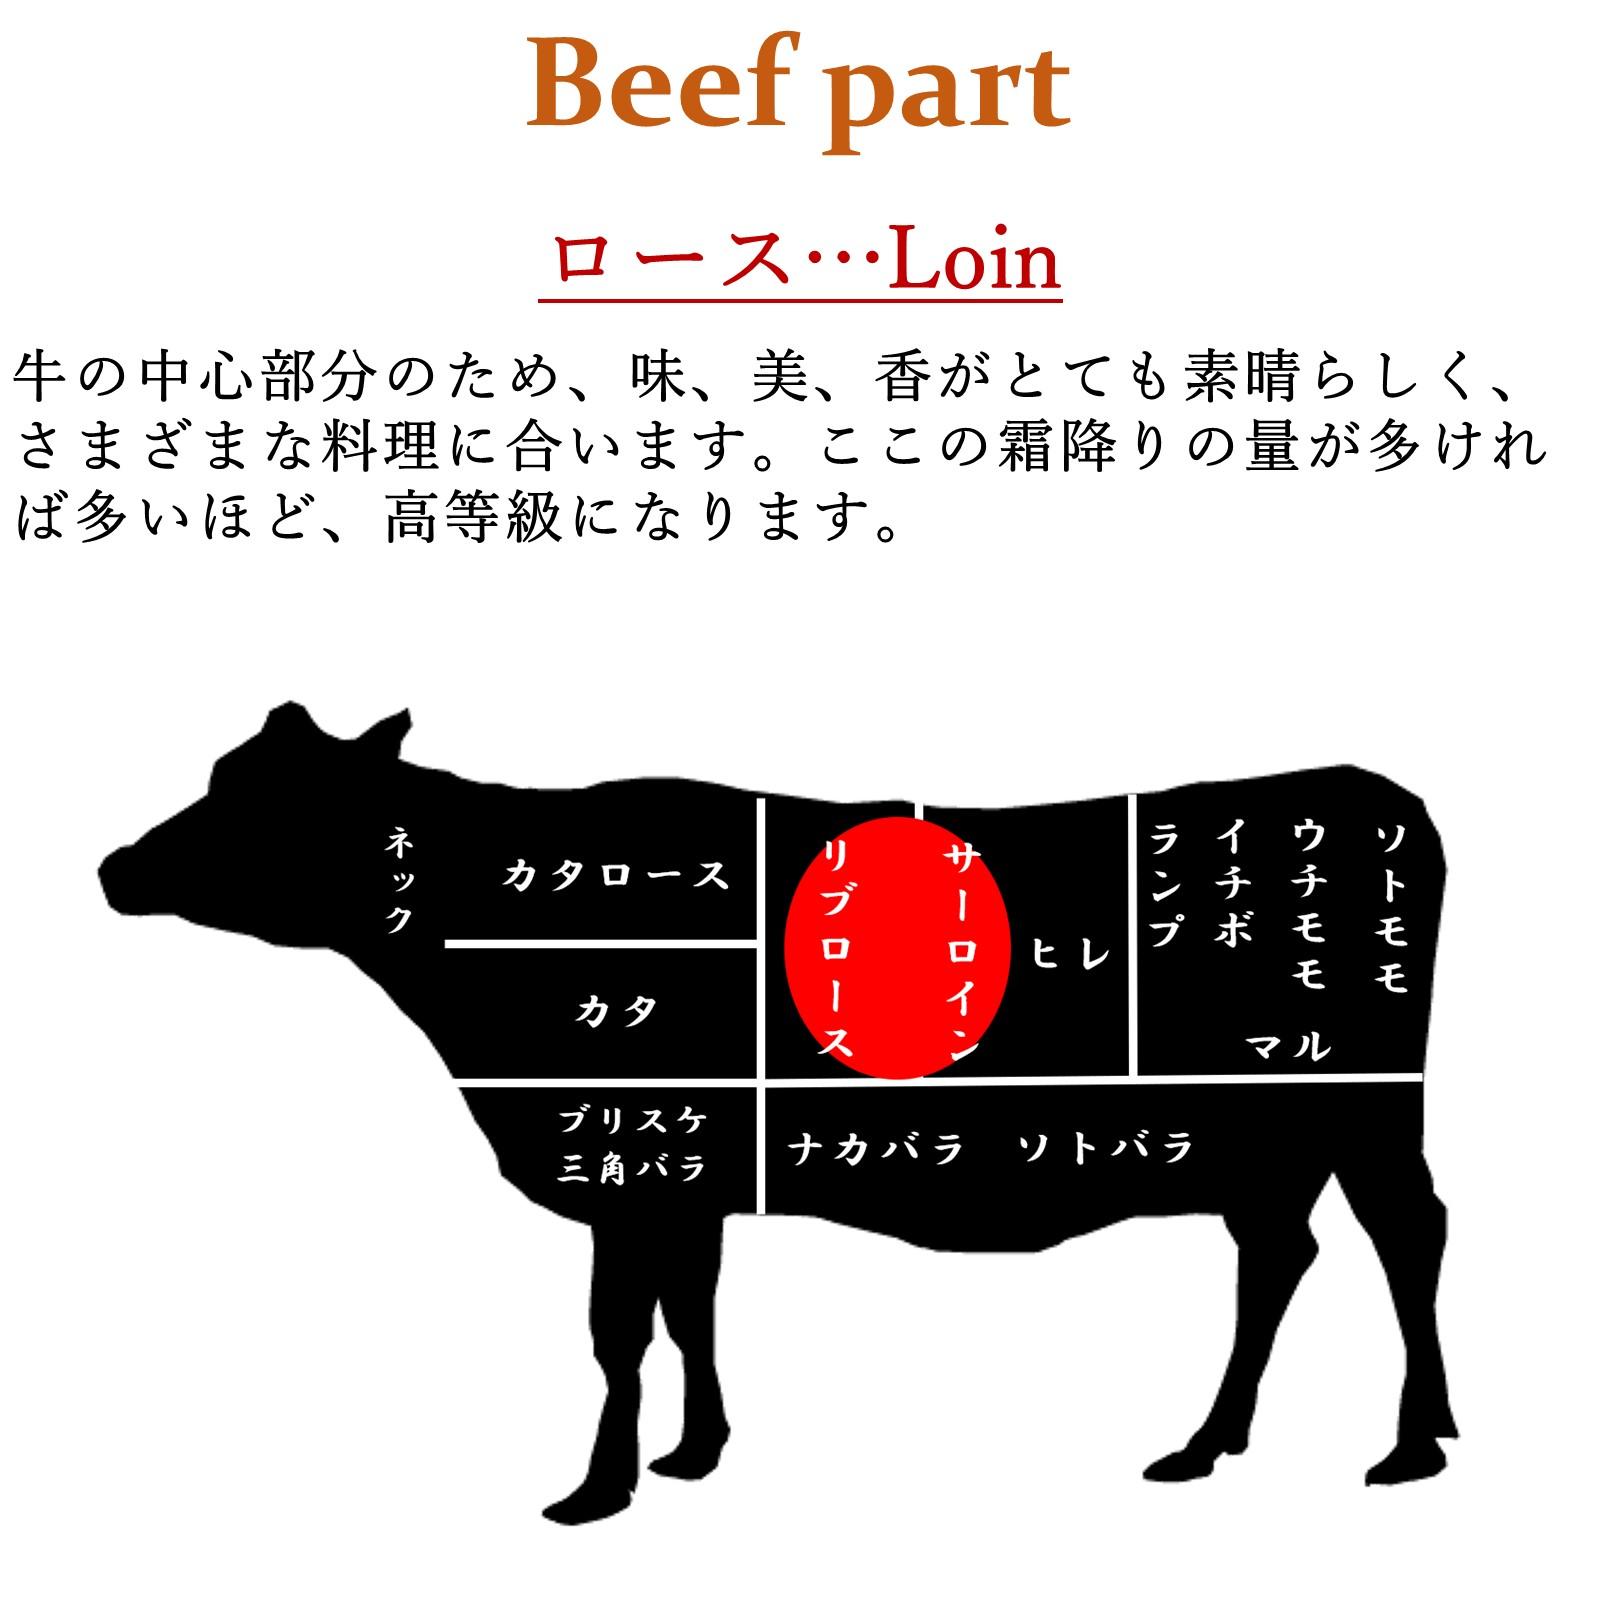 氷温熟成 黒毛和牛すき焼き・しゃぶしゃぶ用 ロース肉